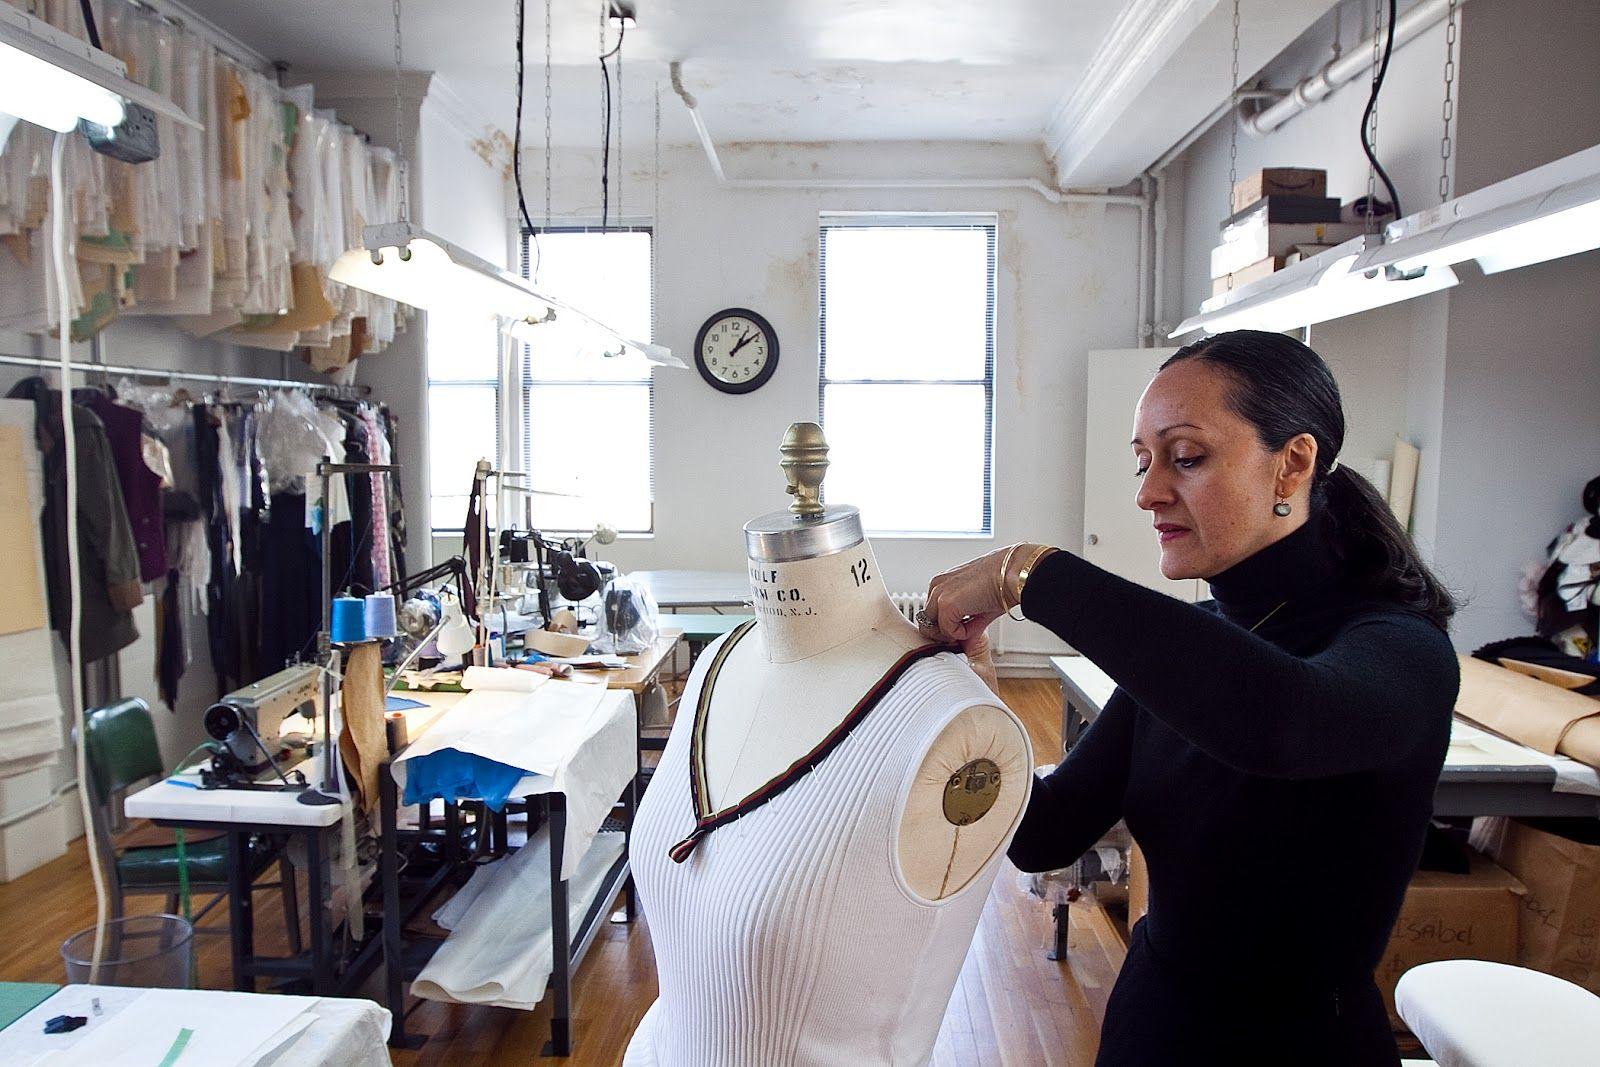 Fashion Design Room Ideas Part - 38: Fashion Design Studio Interior - Google Search